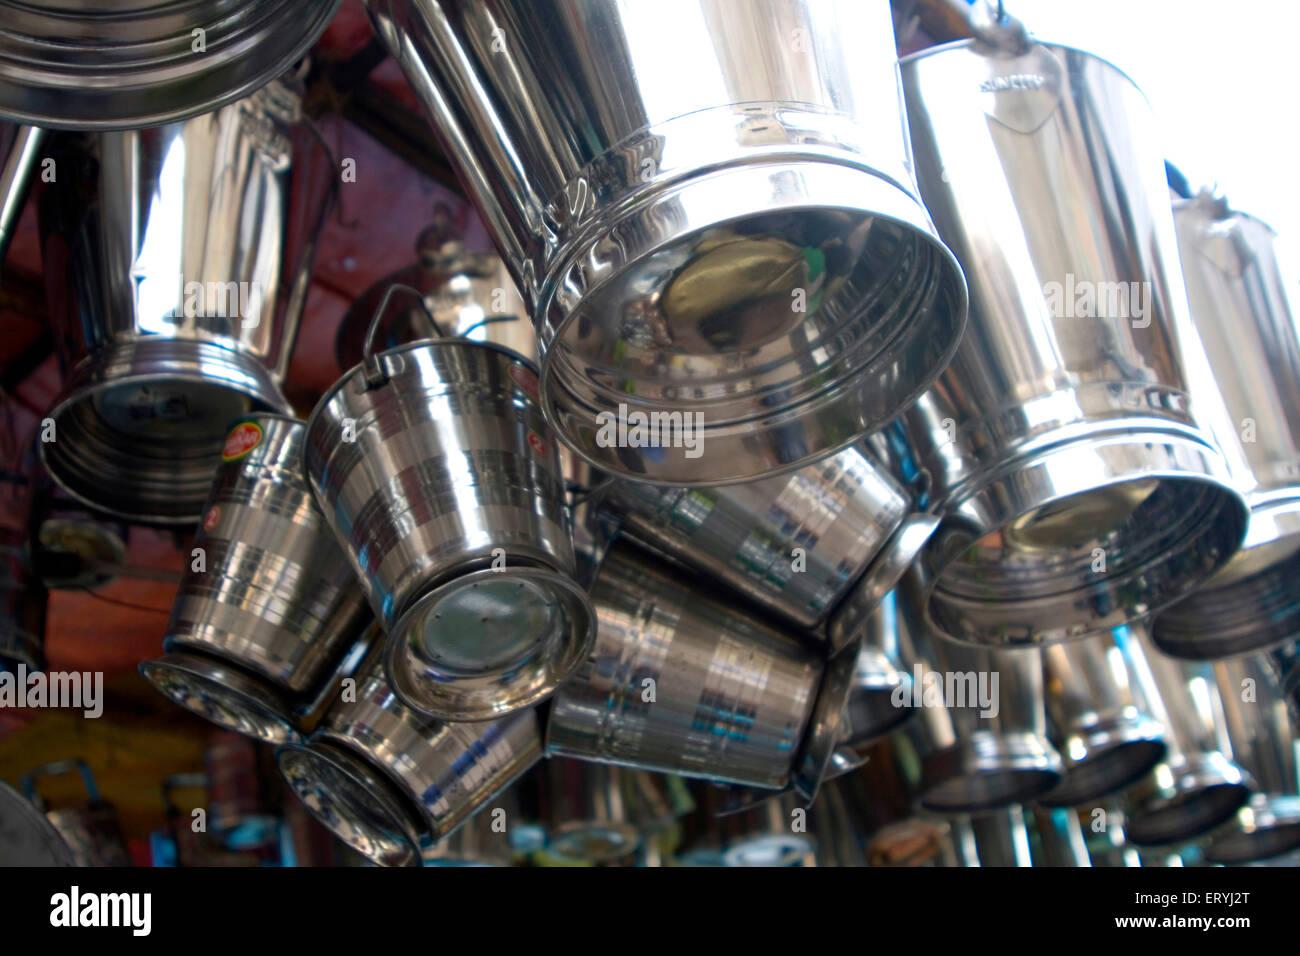 Le benne di acciaio nel negozio ; India Immagini Stock